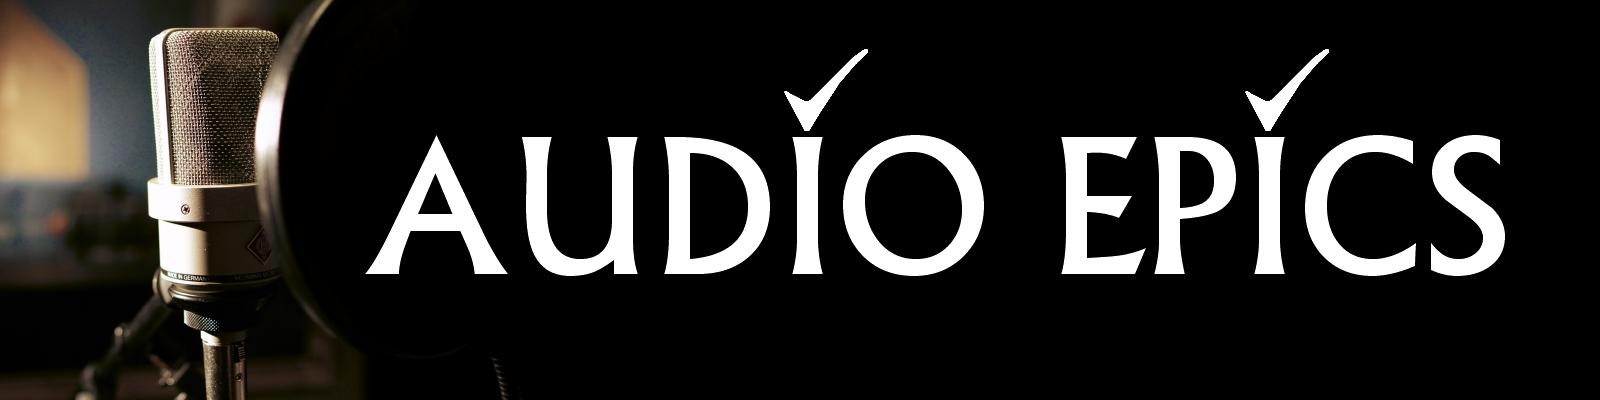 Audio Epics banner